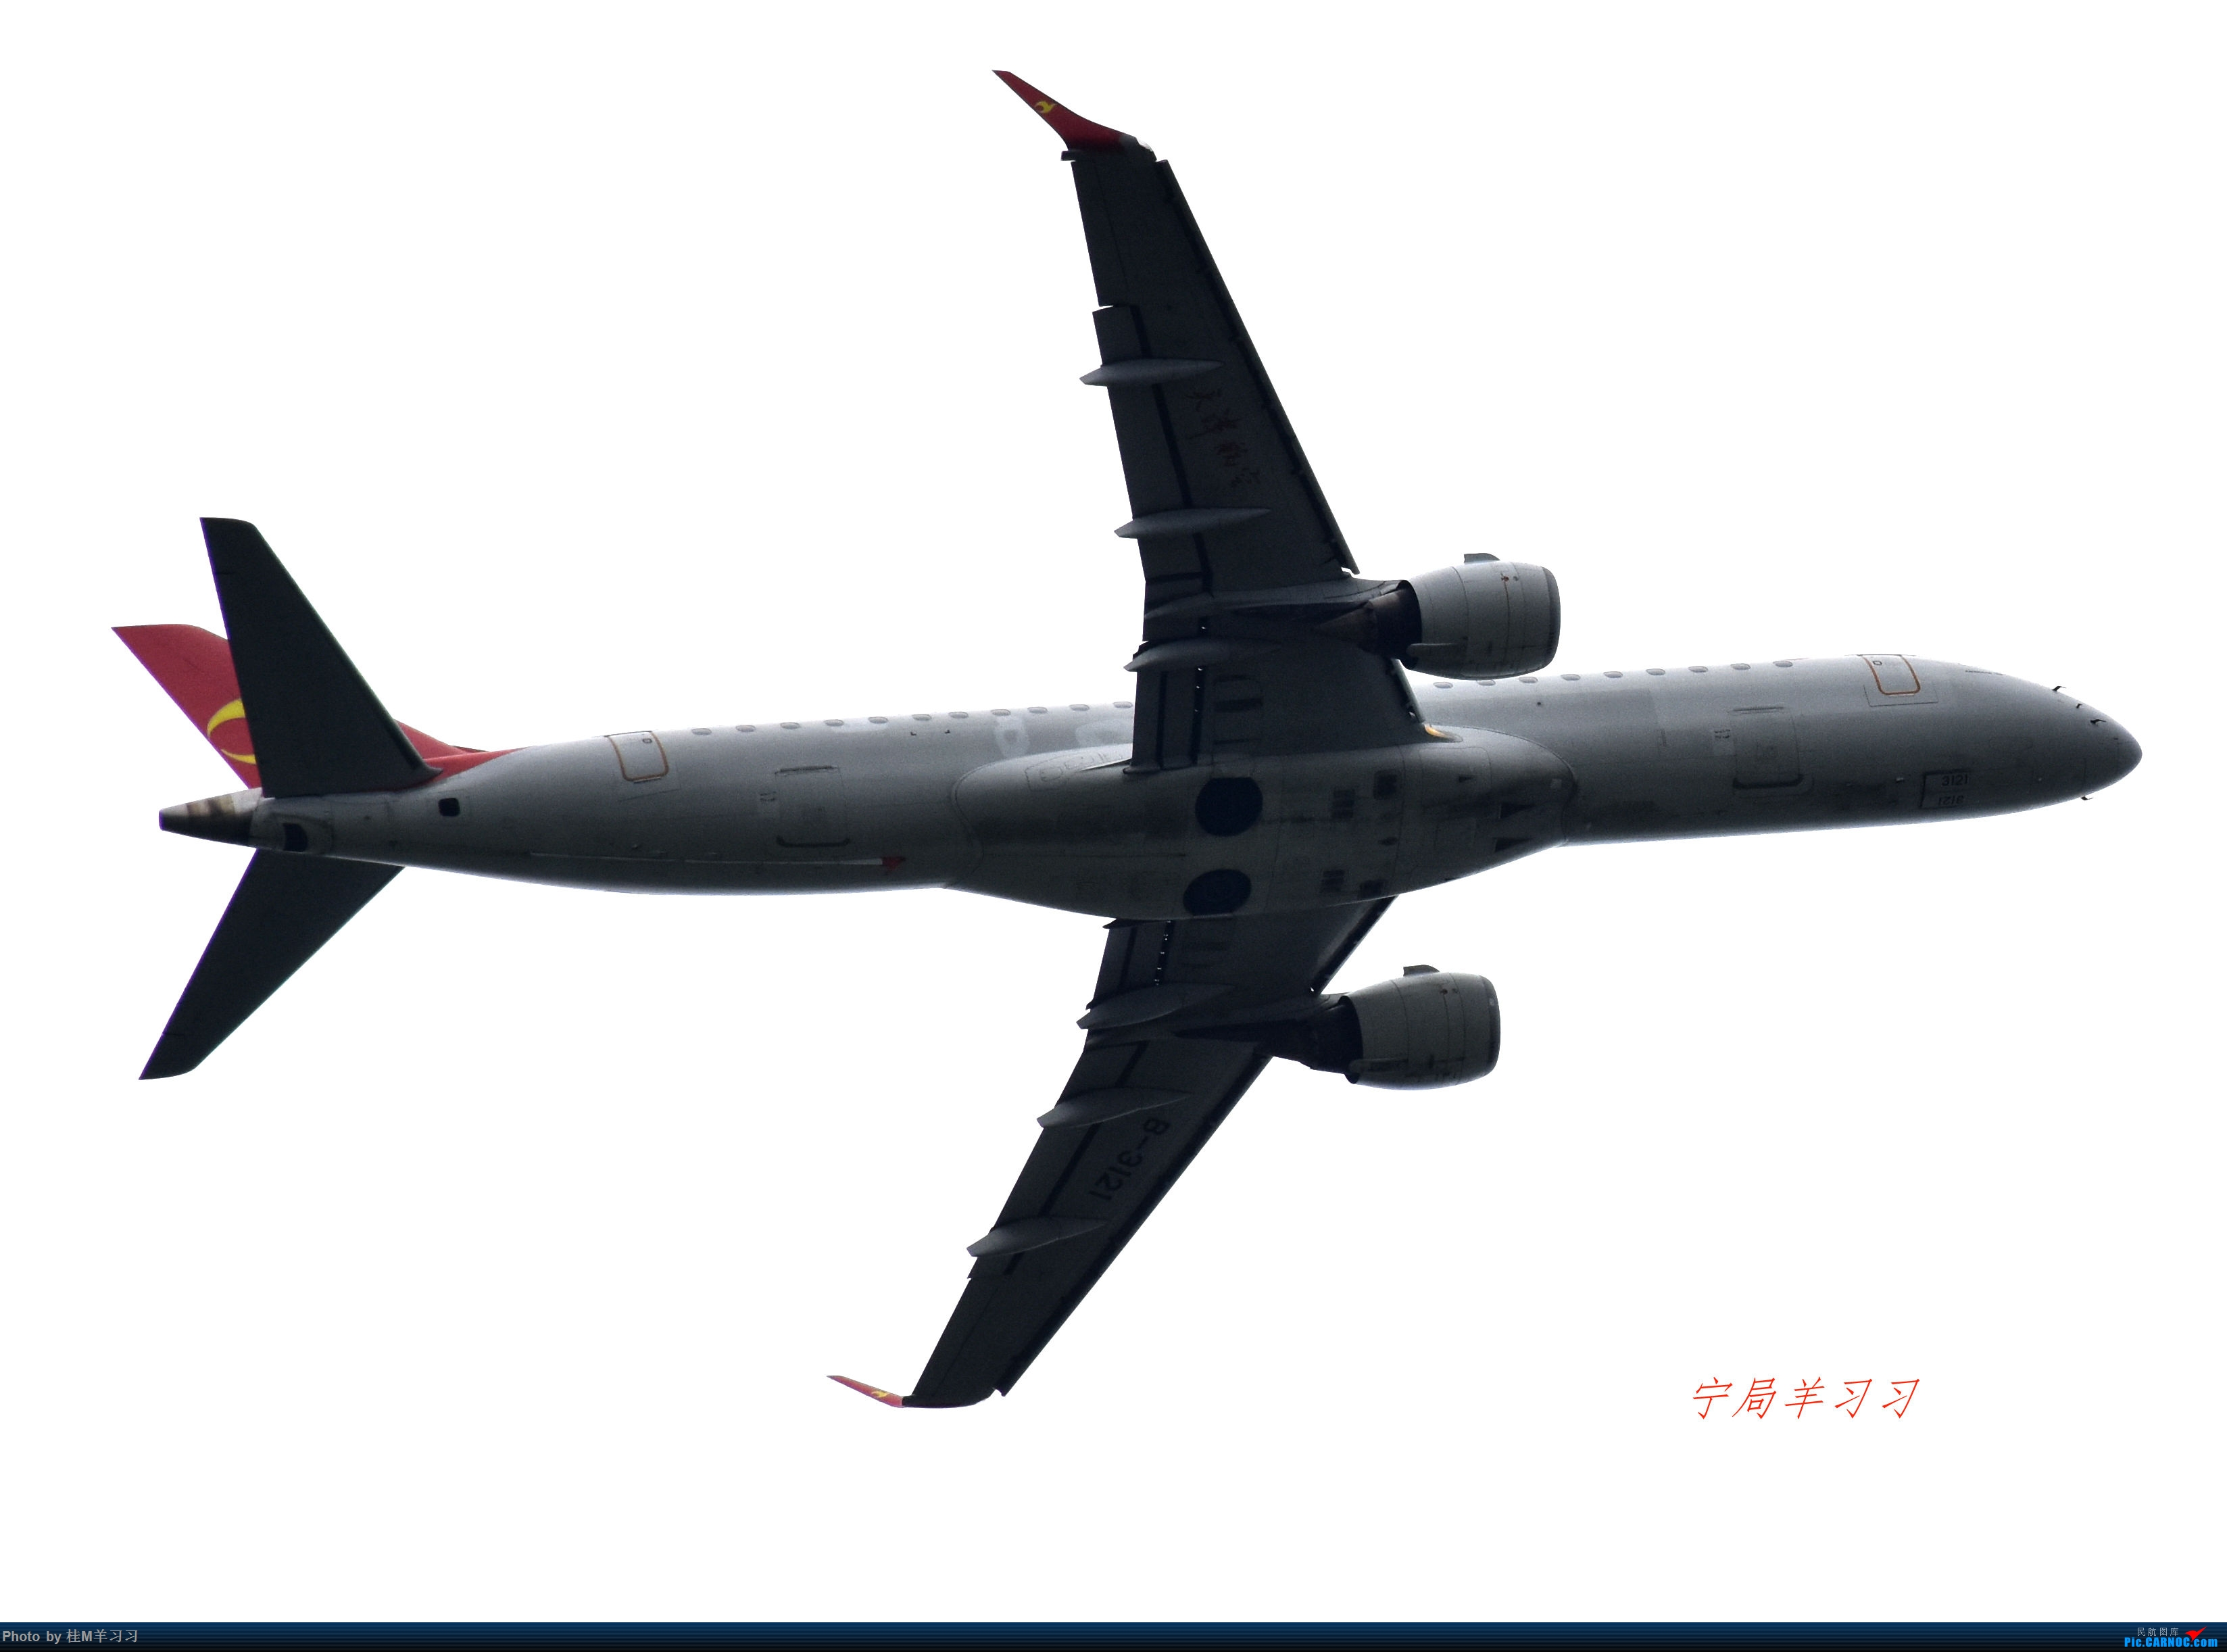 Re:相机刚买,软件第一次用,地点第一次选一直想在NNG拍飞机